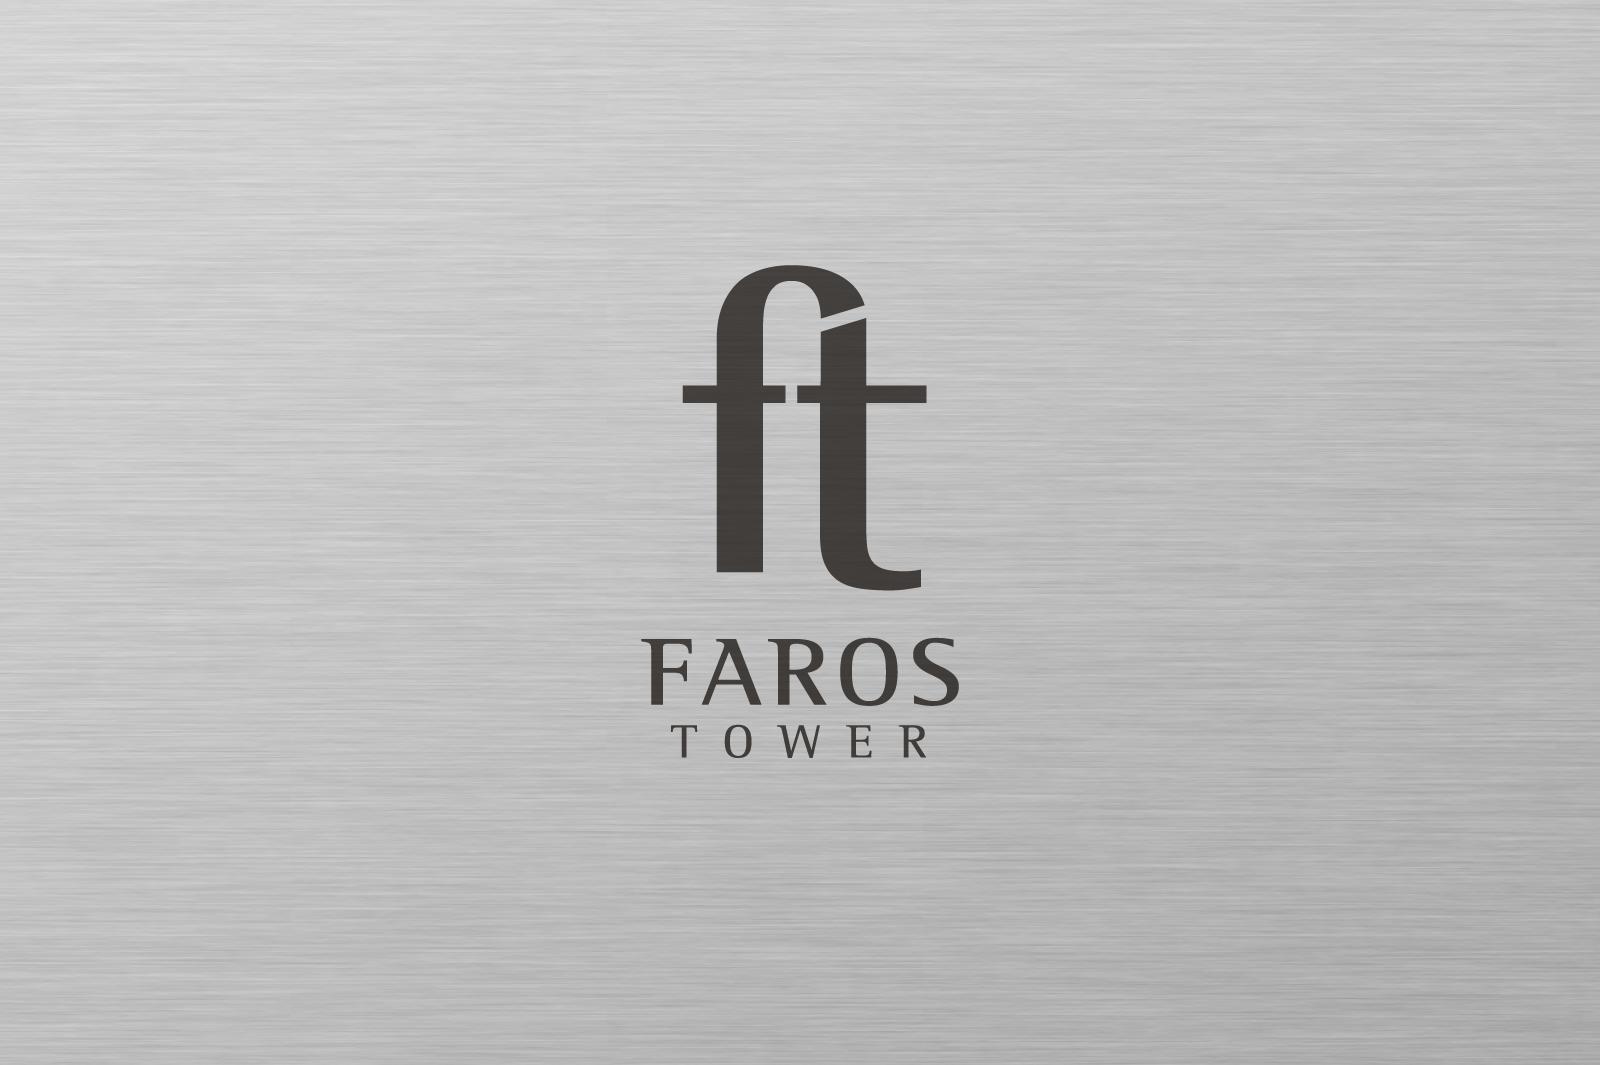 faros_06.png